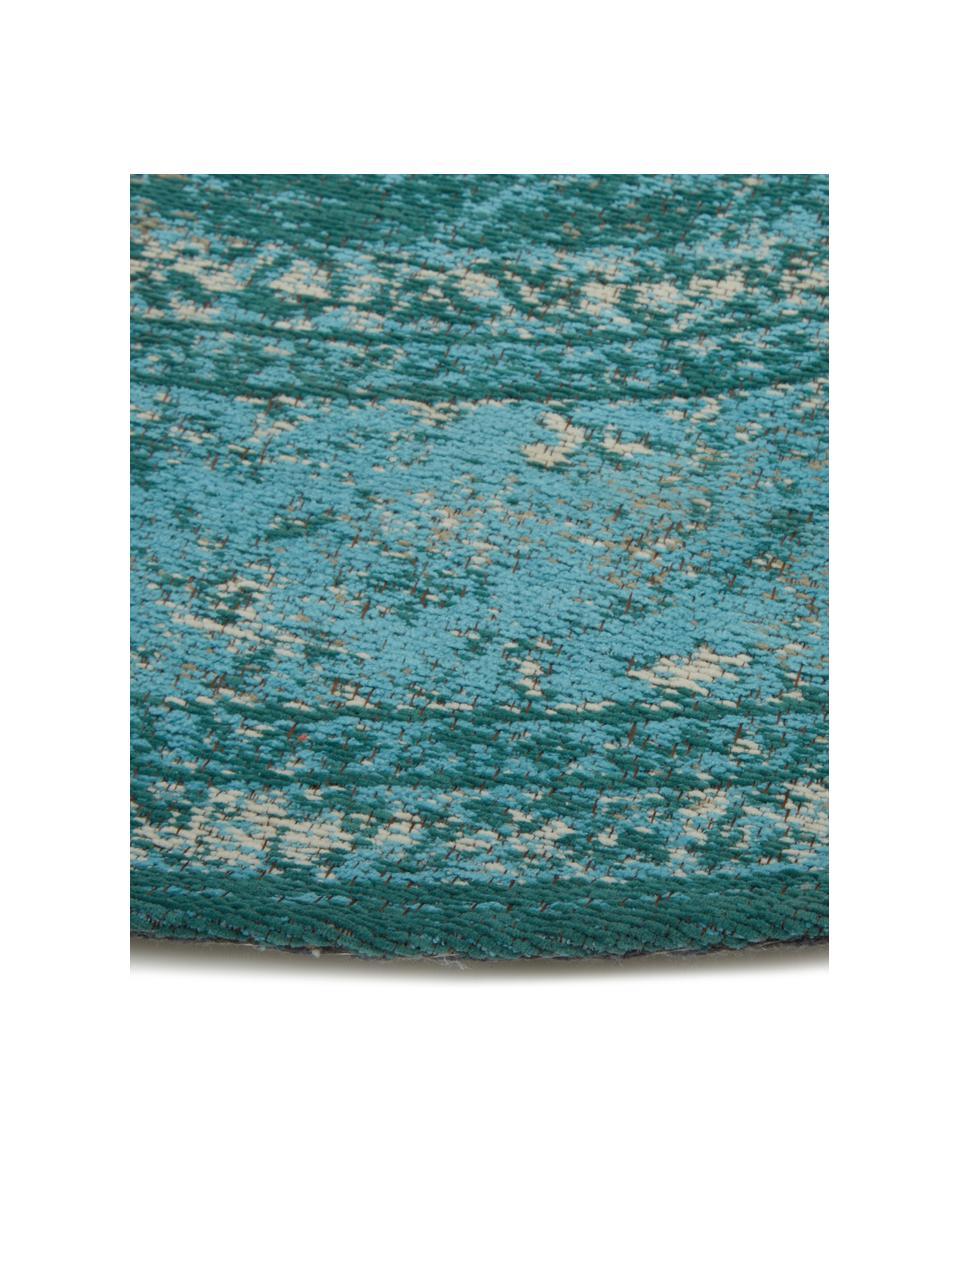 Okrągły dywan szenilowy w stylu vintage Palermo, Turkusowy, jasny niebieski, kremowy, Ø 200 cm (Rozmiar L)